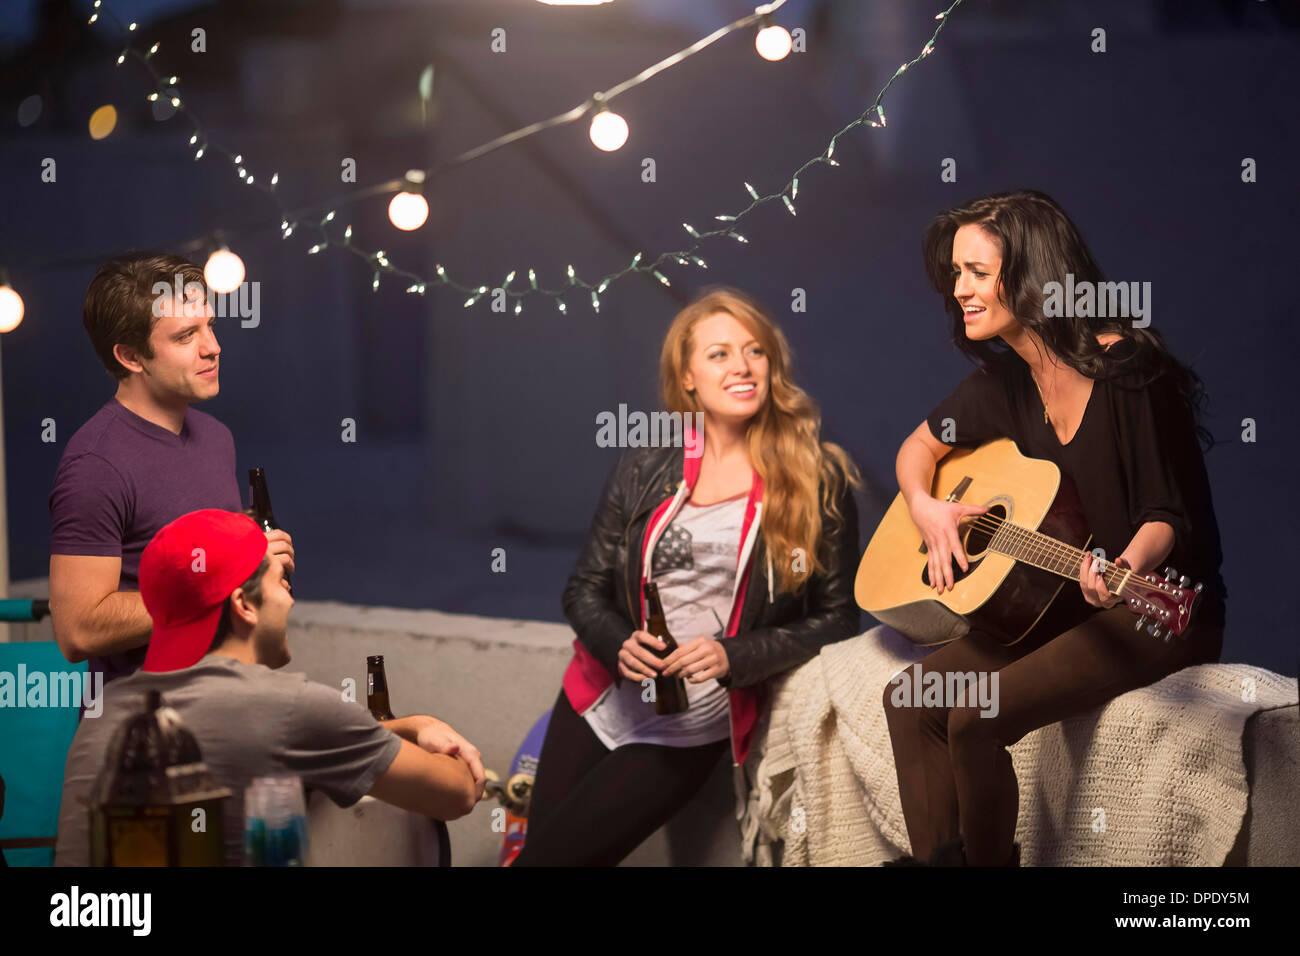 Junge Erwachsene Freunde anhören von Gitarre auf party Stockbild